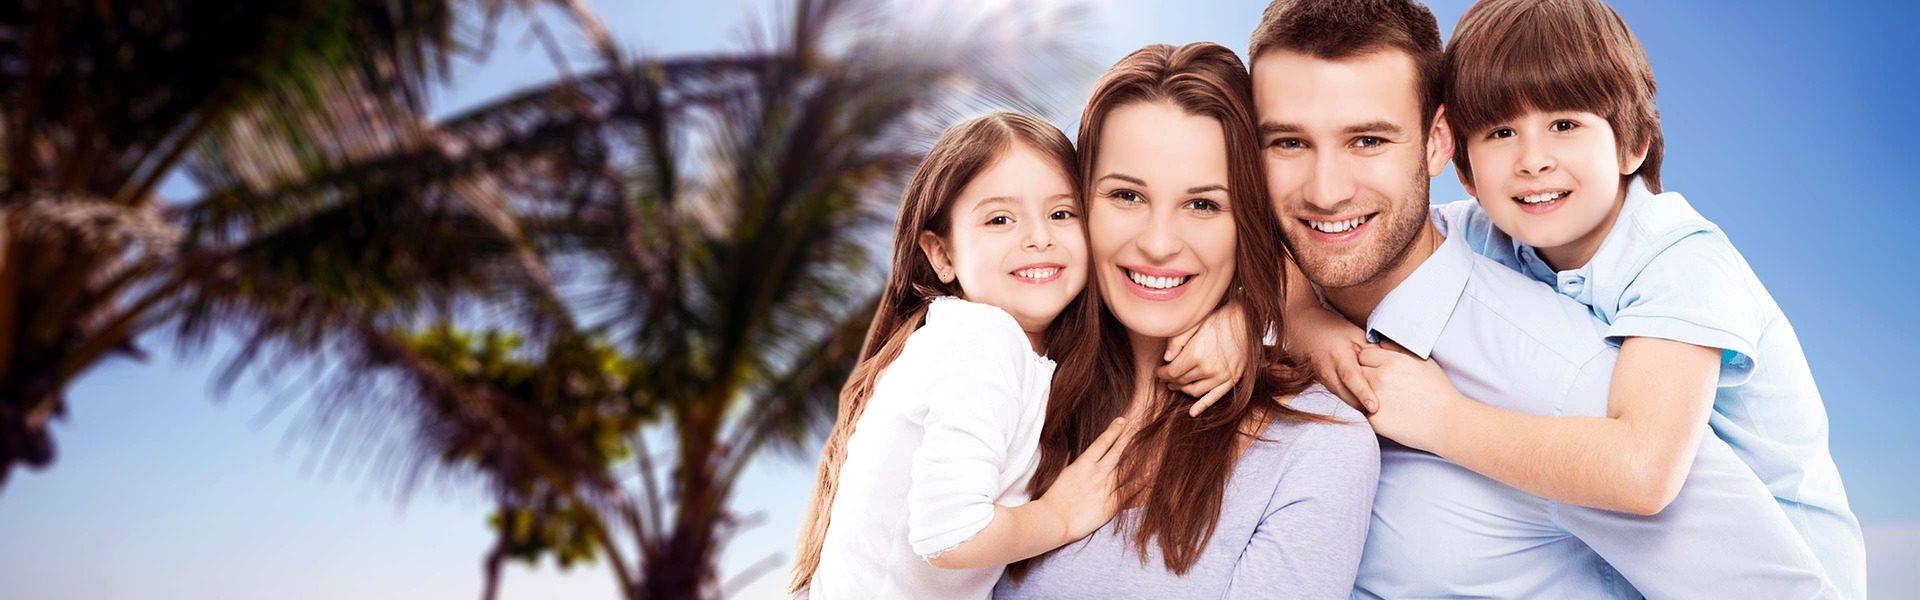 طرق تساعد الآباء والأمهات على كشف مكنونات وأسرار أطفالهم